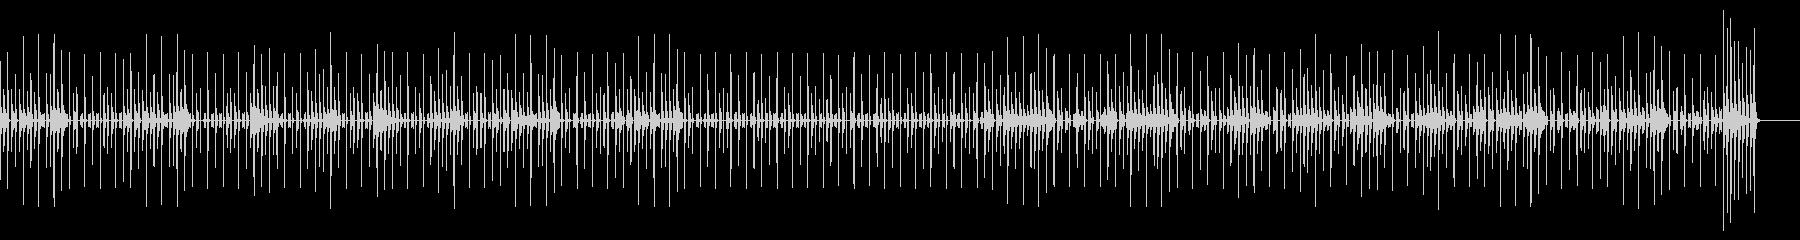 トーク・会話・かわいい・楽しいの未再生の波形